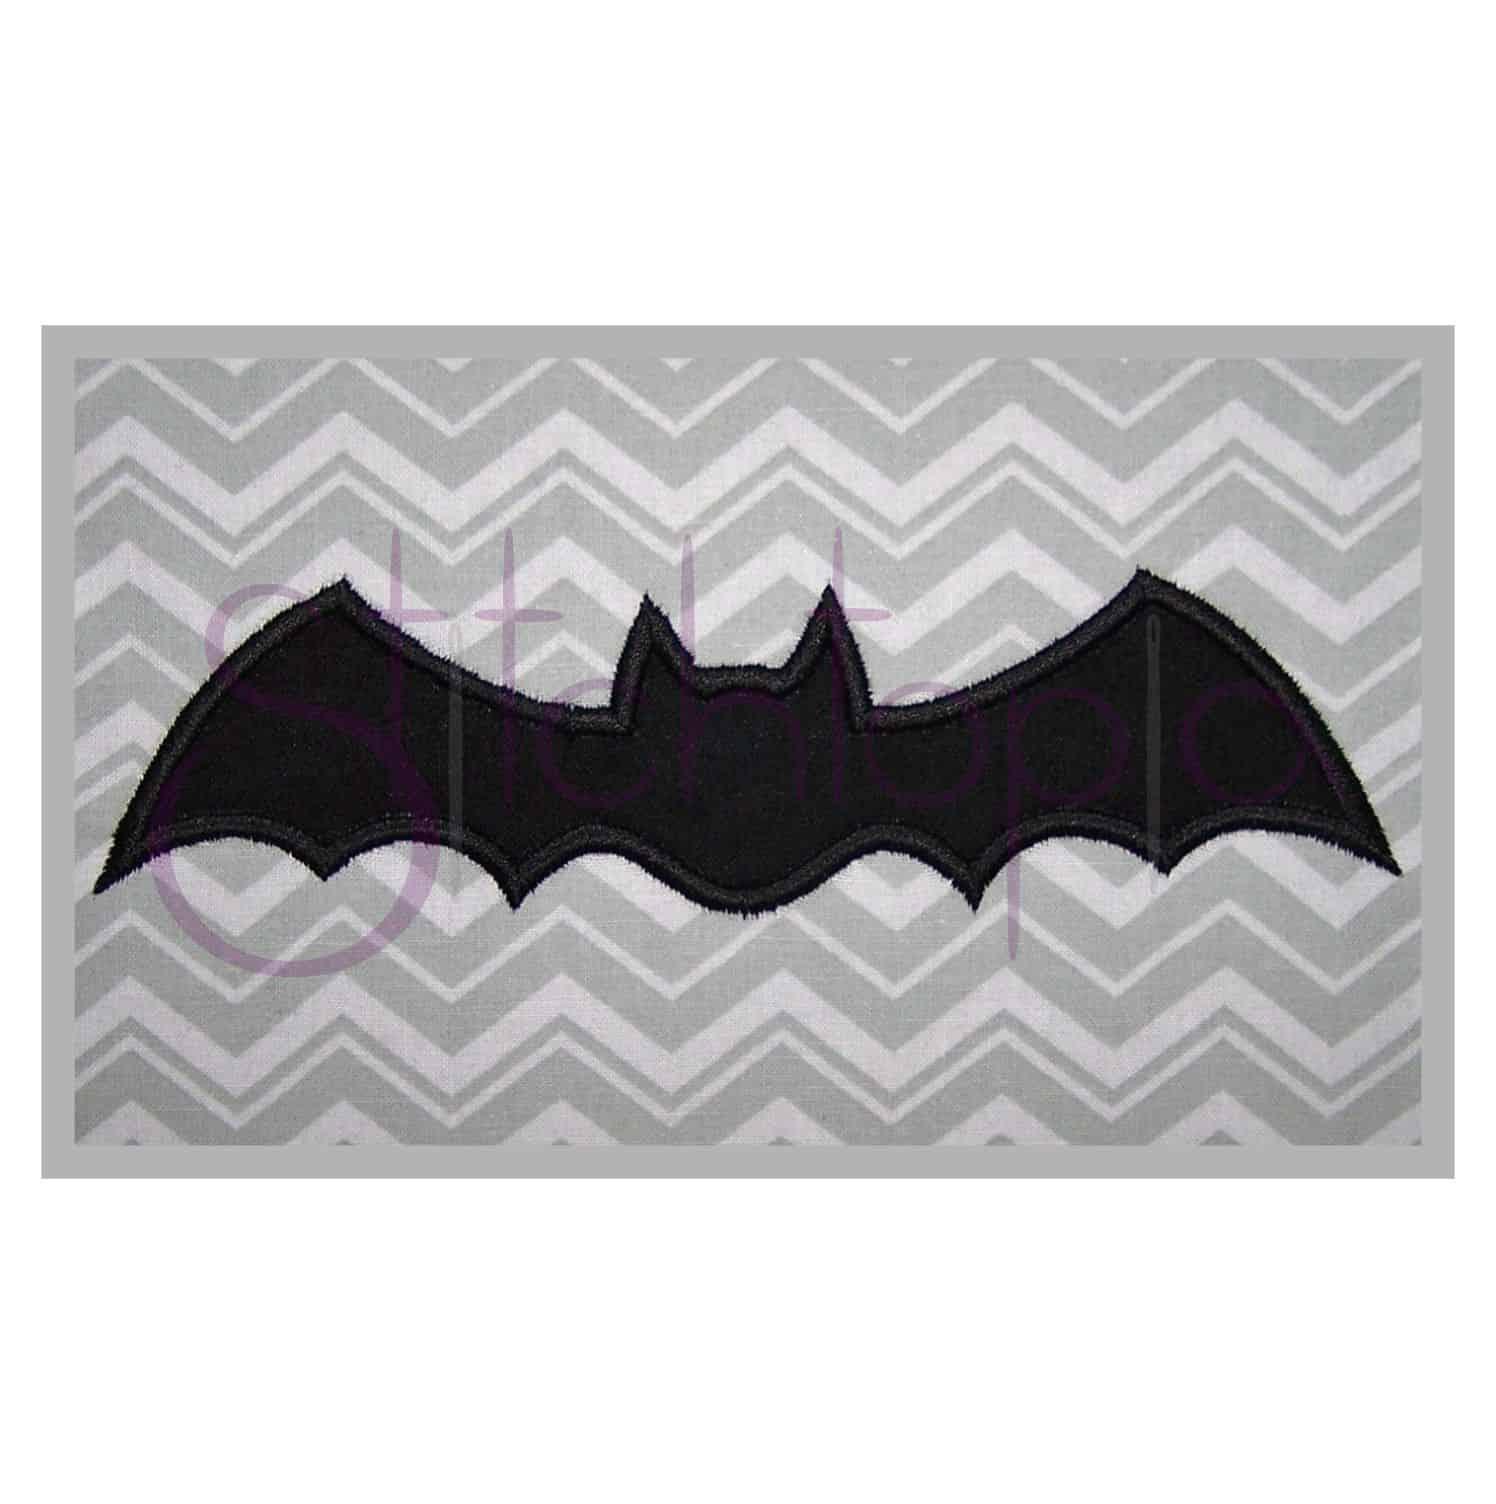 stitchtopia halloween bat applique b - Halloween Bat Pics